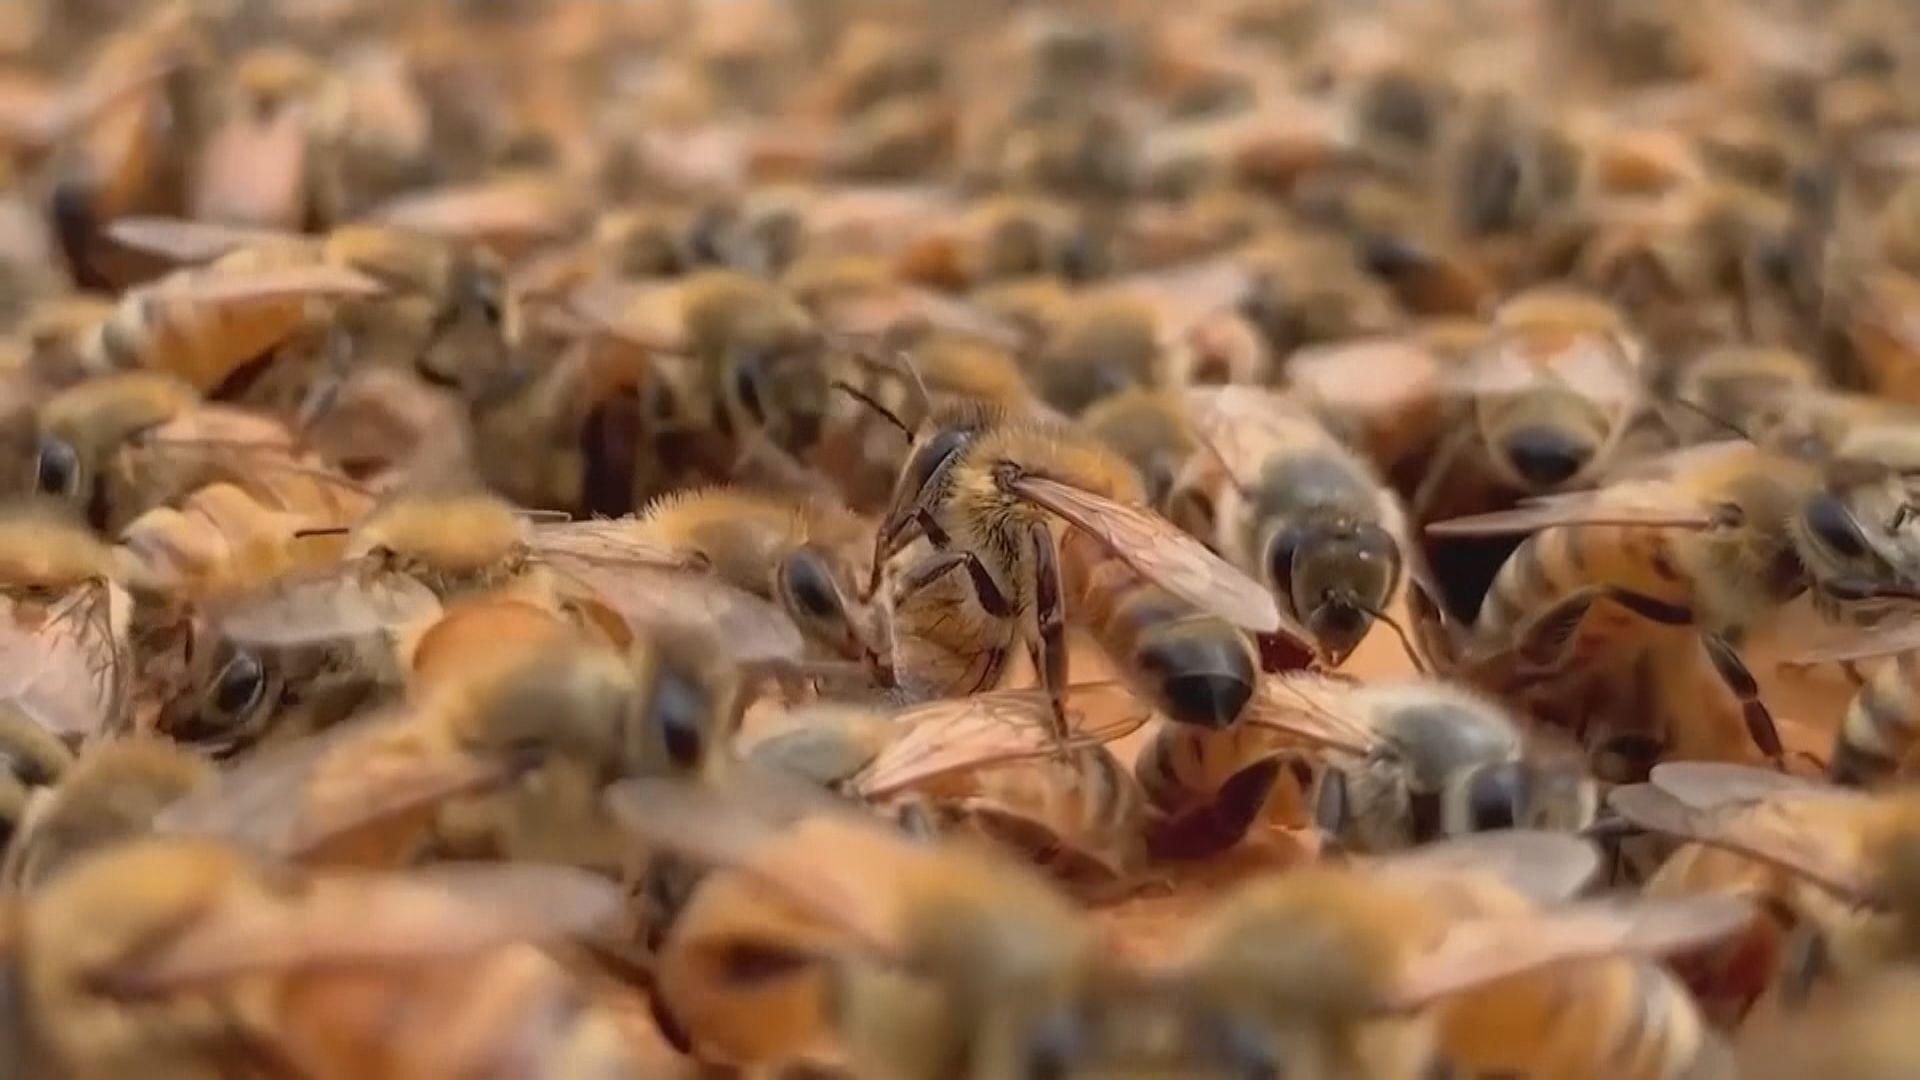 【環球薈報】科學家發現蜜蜂毒液可摧毀惡性乳癌細胞